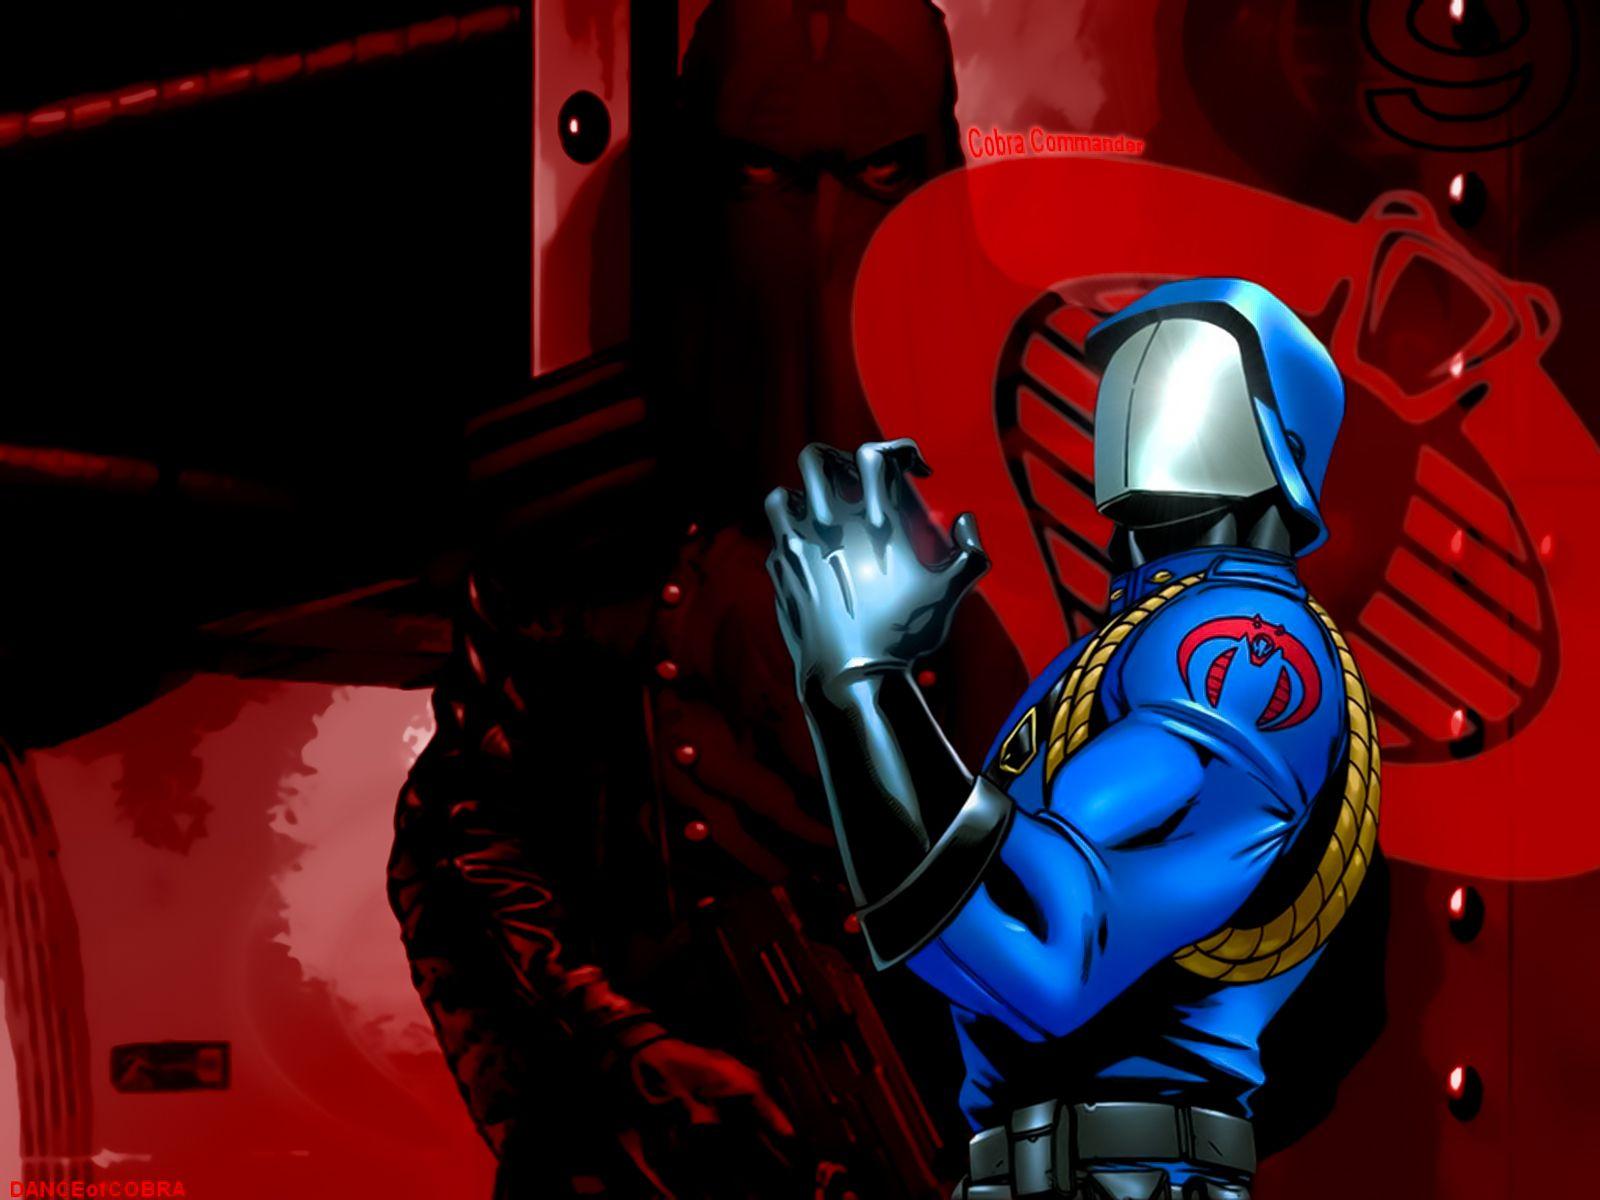 cobra commander wallpaper hd - photo #1